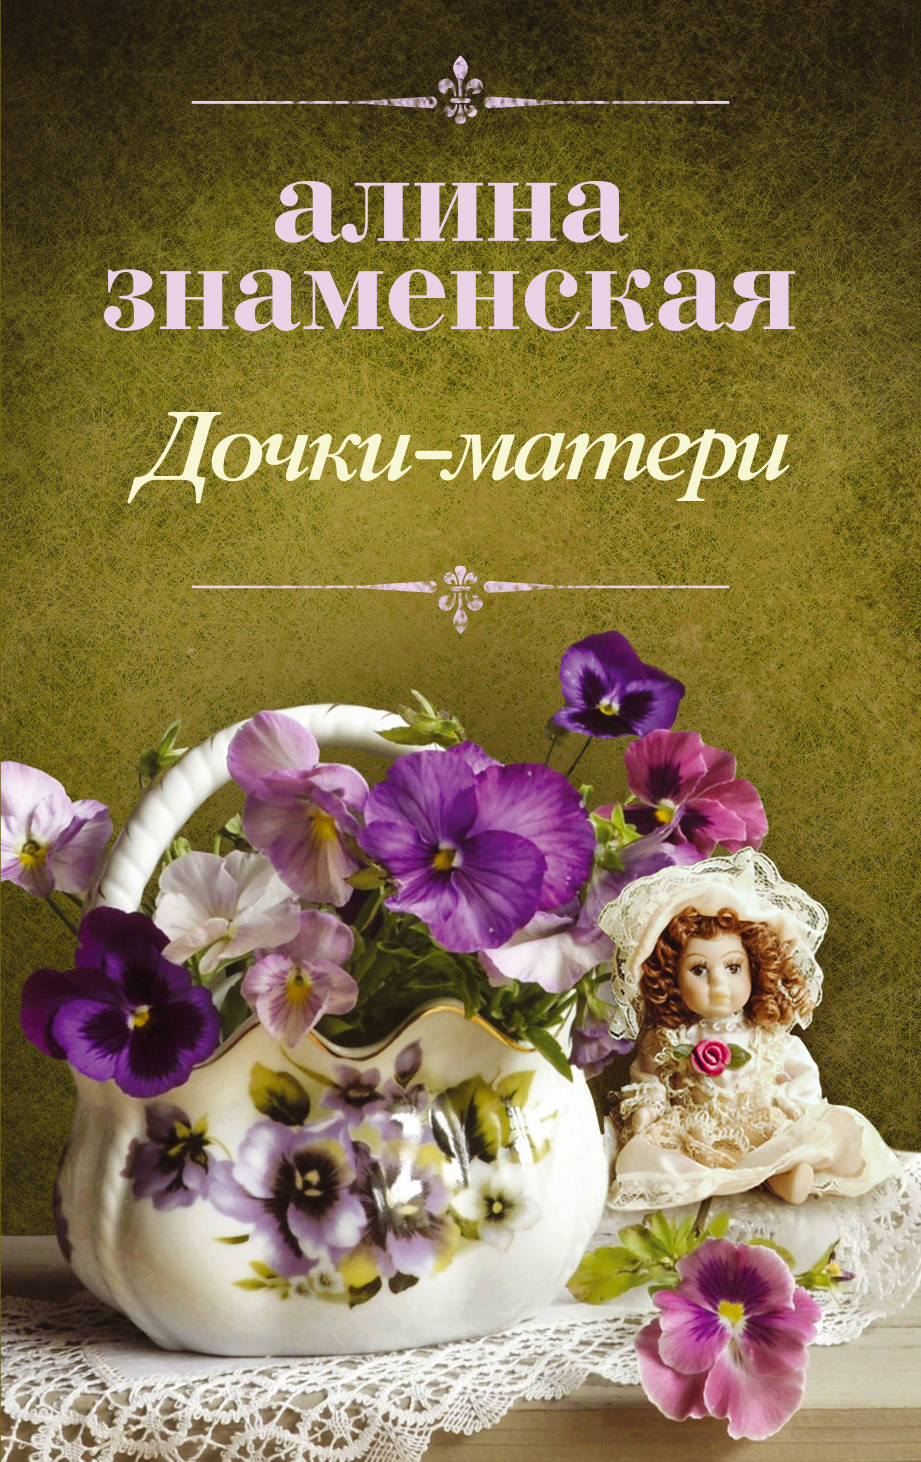 Алина Знаменская Дочки-матери юлия петухова дорога к счастью